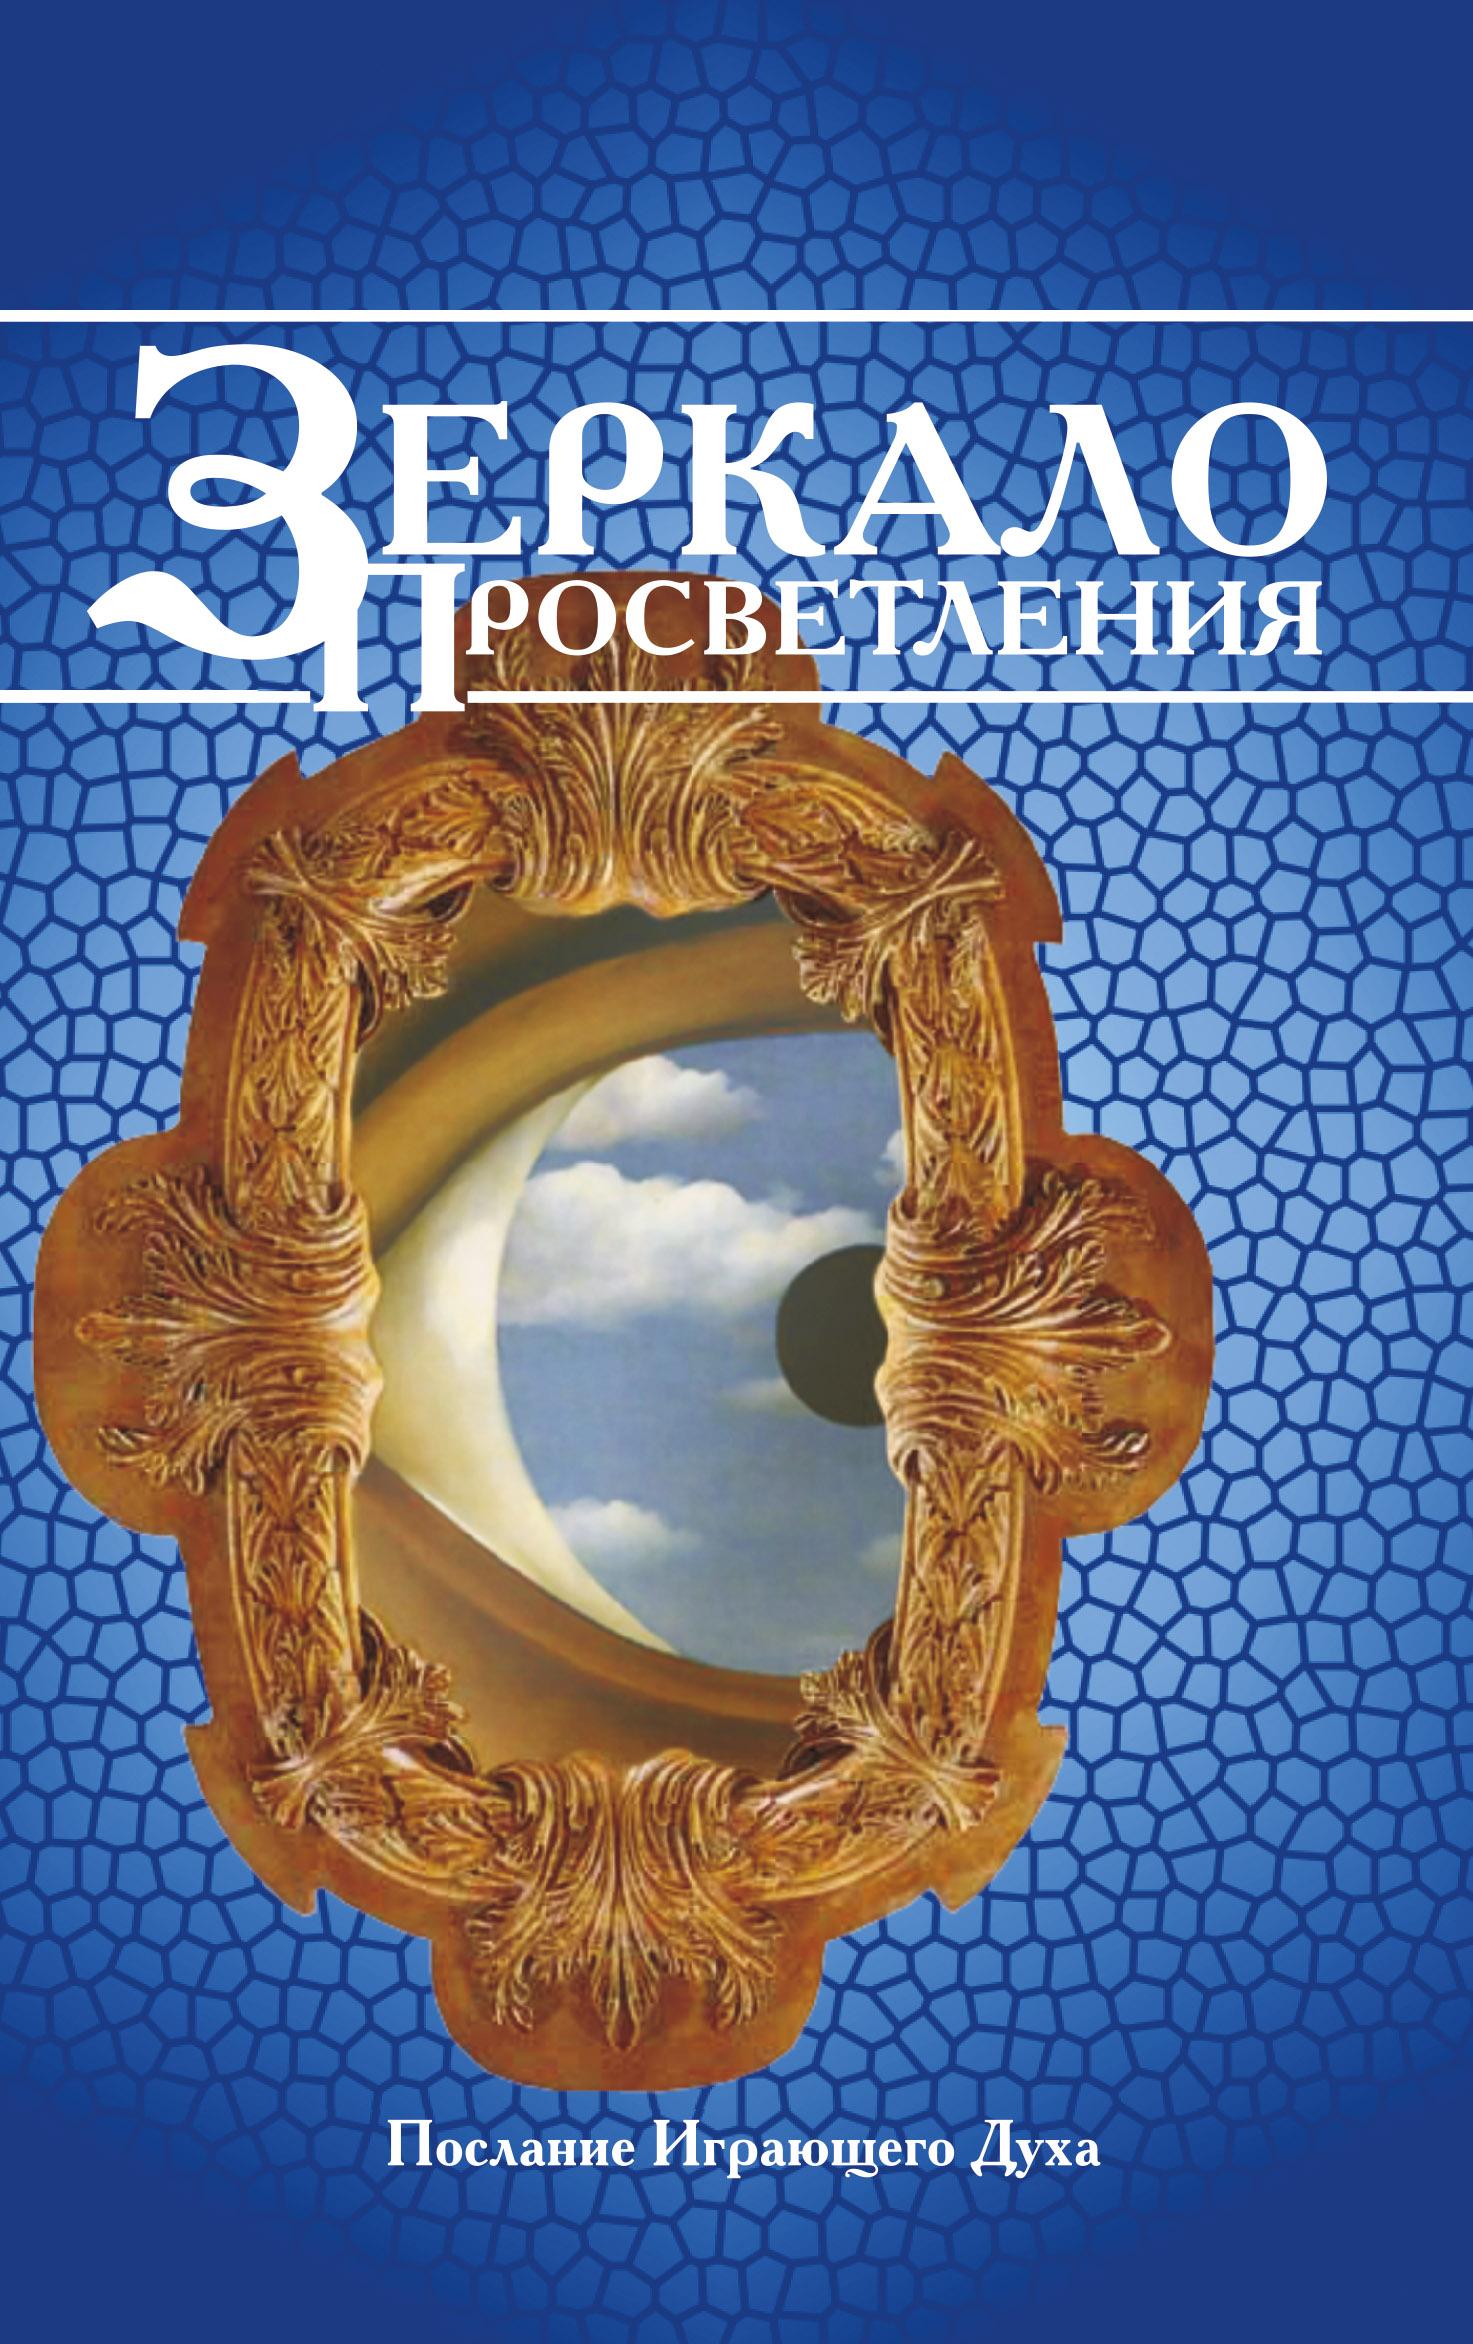 Зеркало просветления. 10-е изд. Послание играющего Духа.